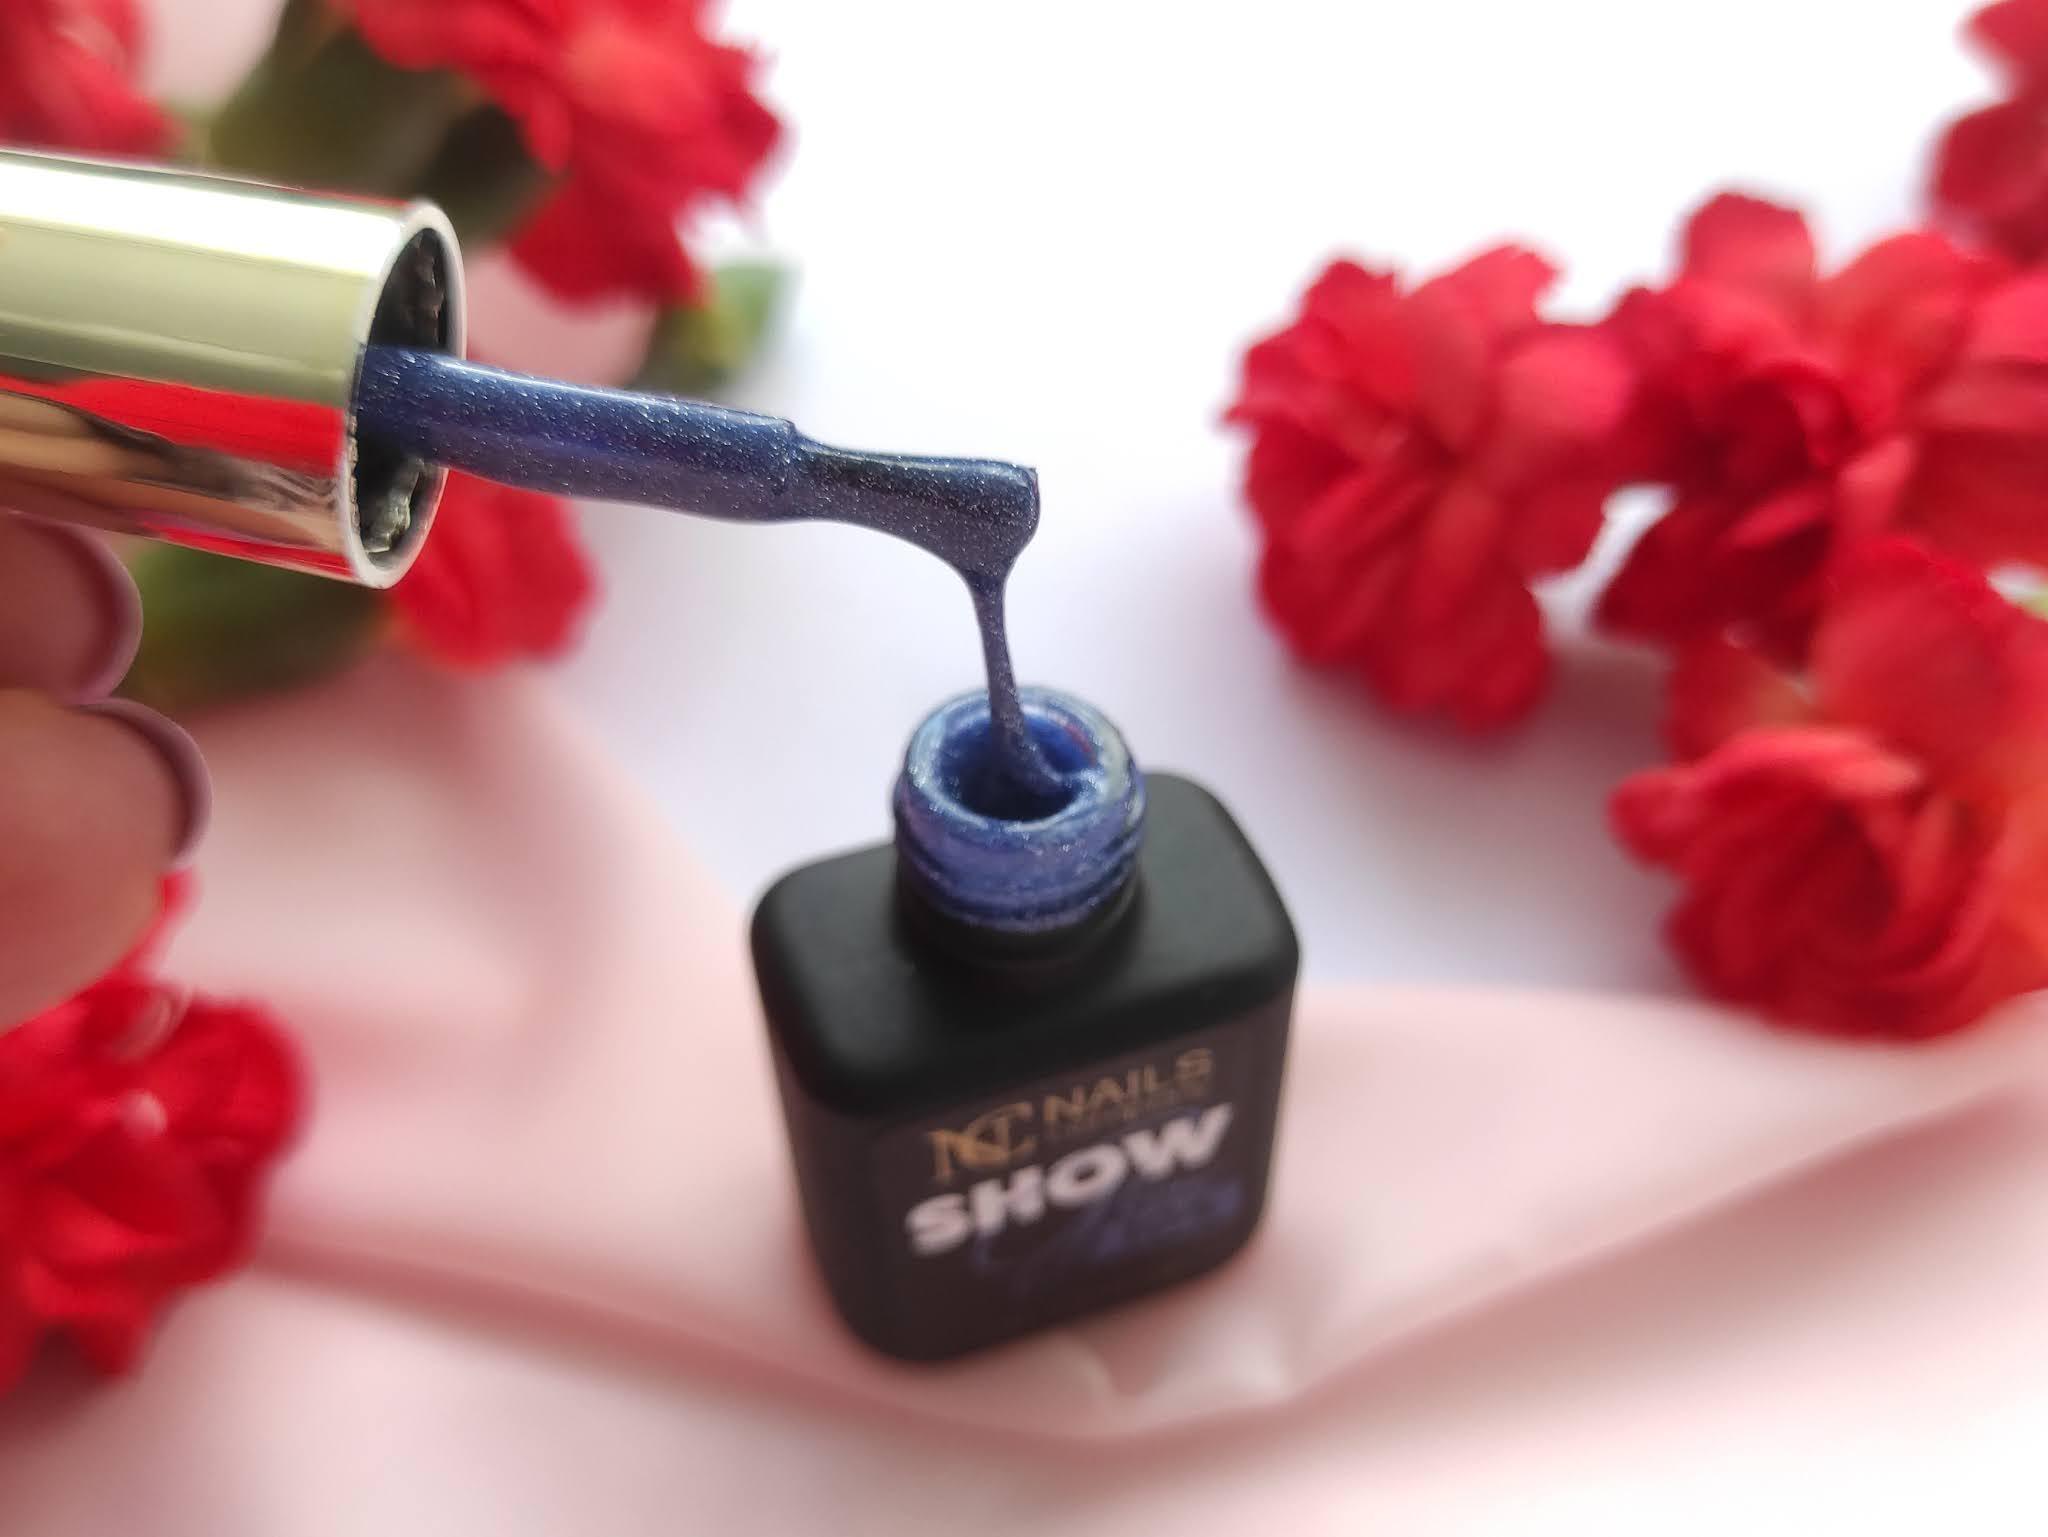 Show Glow hybrydy nails company